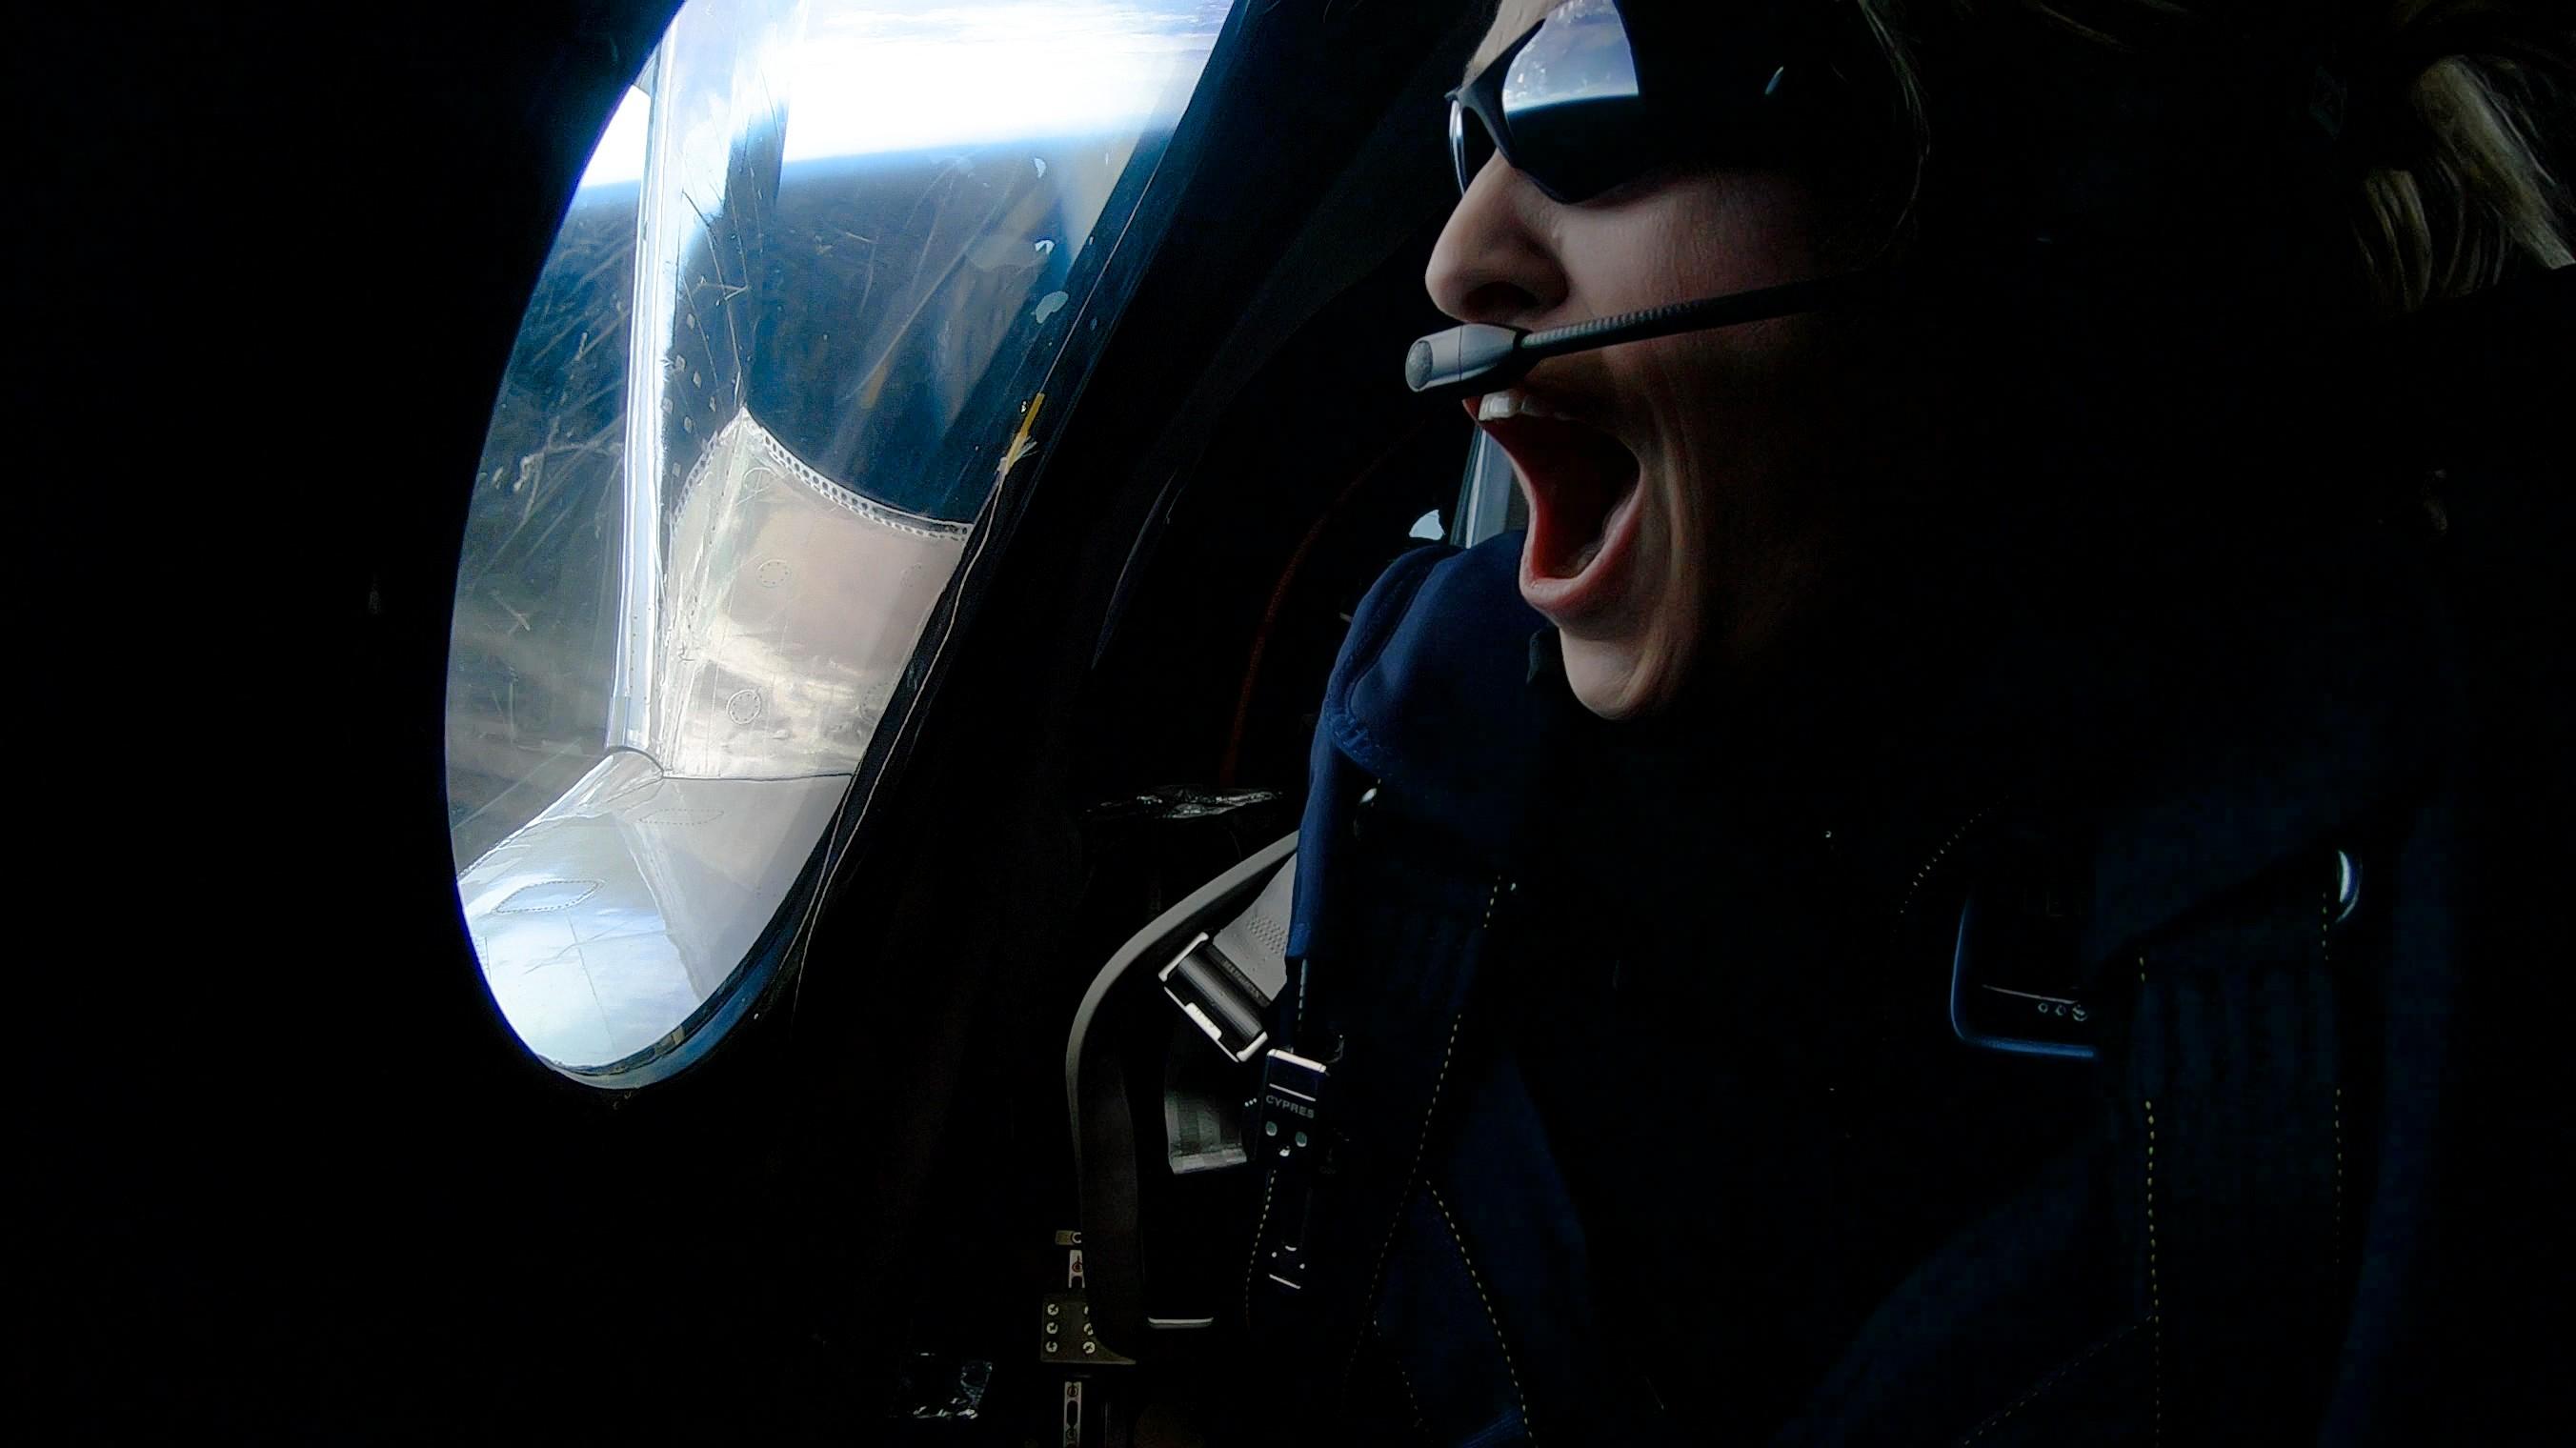 Voo suborbital: entenda como funcionam as viagens espaciais de bilionários (Foto: Virgin Galactic/Divulgação)